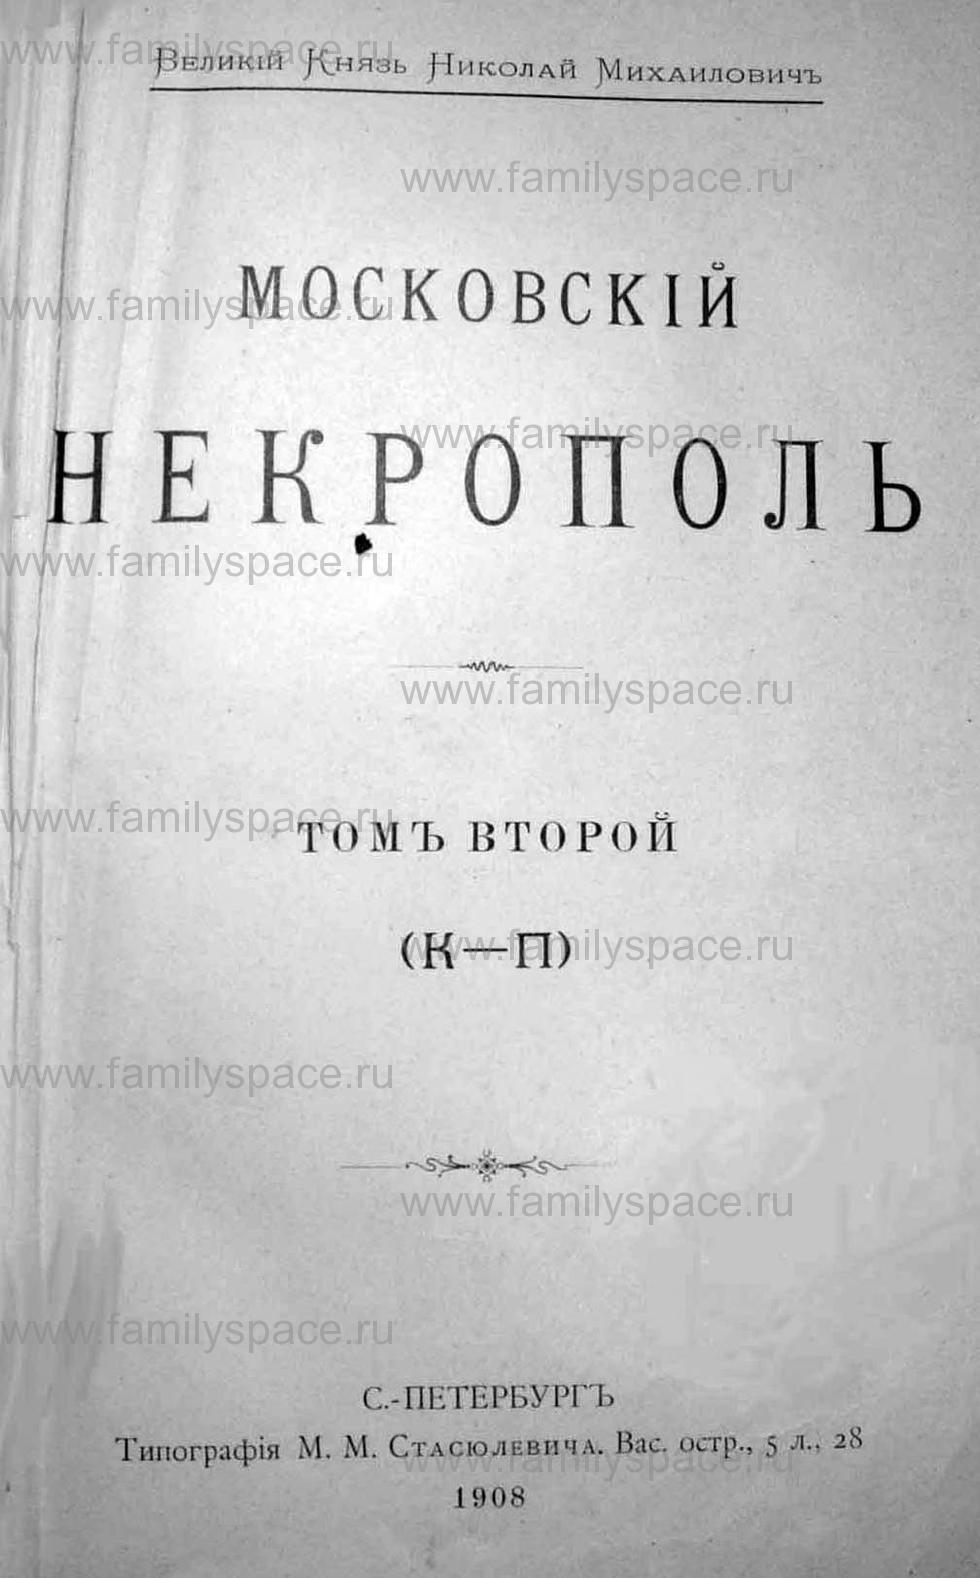 Поиск по фамилии - Московский некрополь, т.2, 1907 г., страница -1